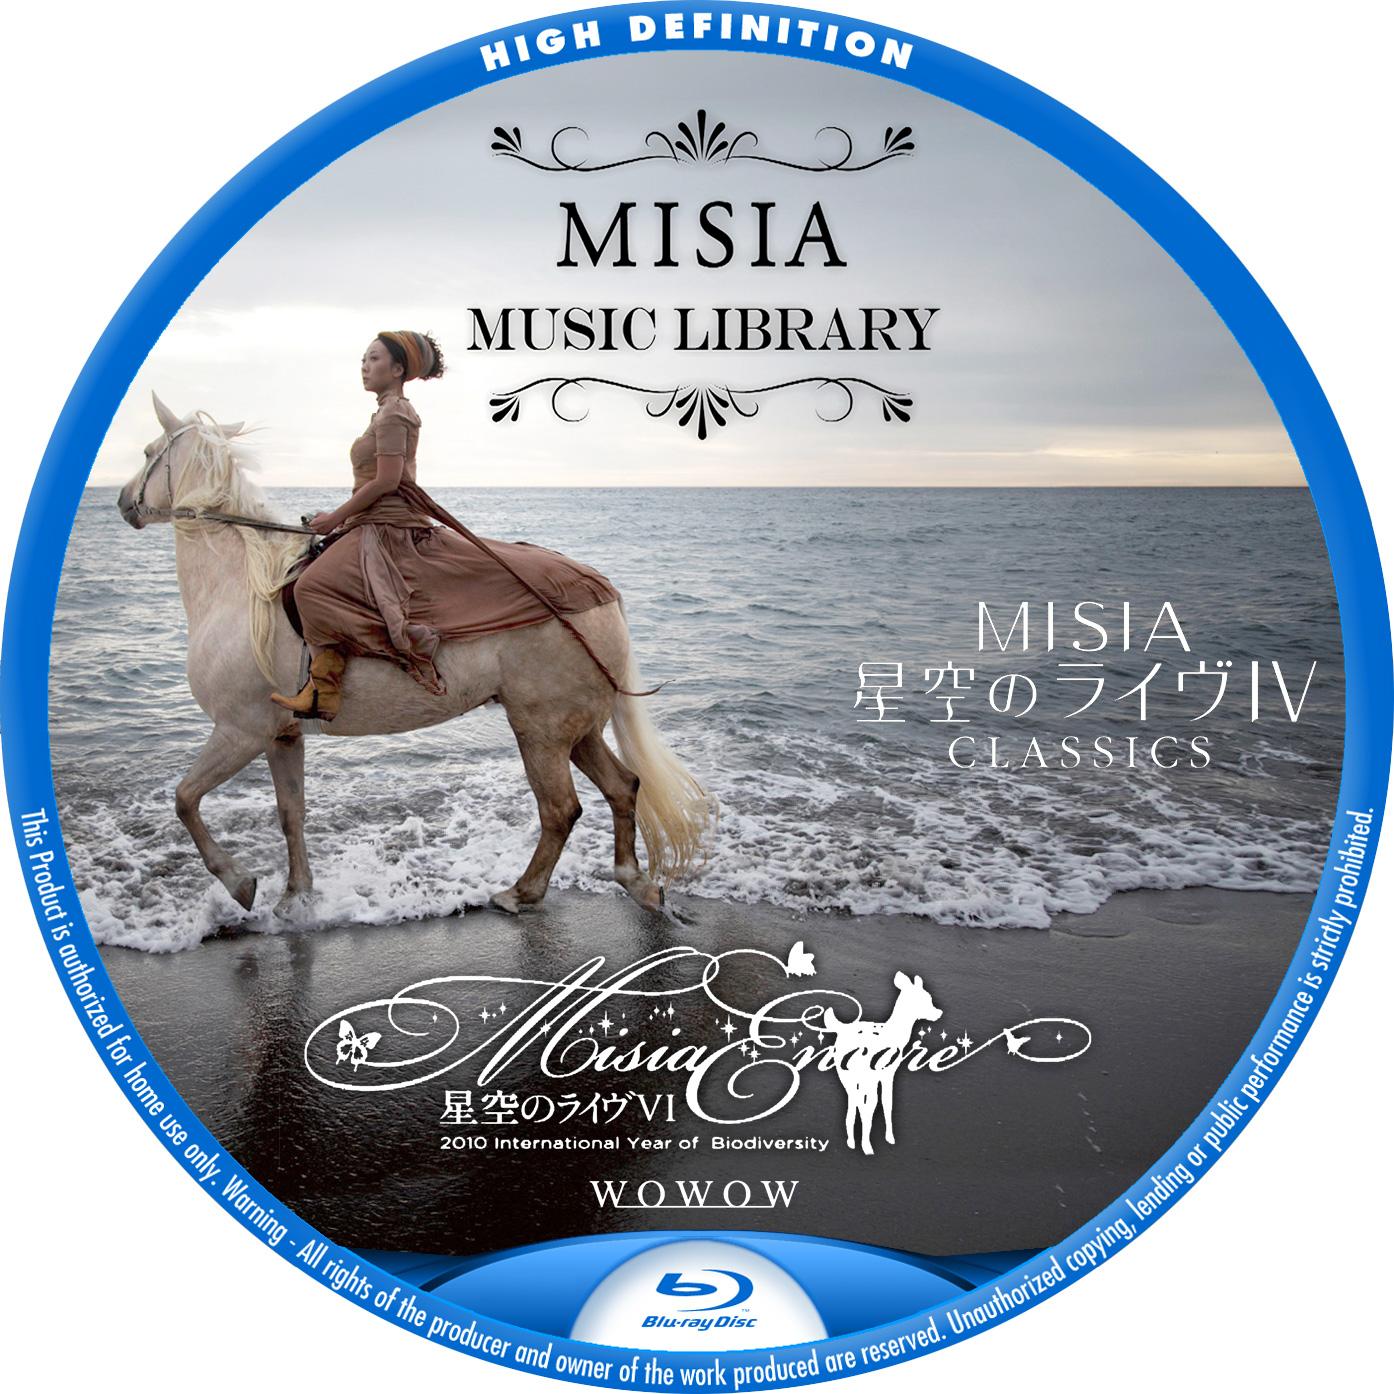 MISIAスペシャル BDラベル